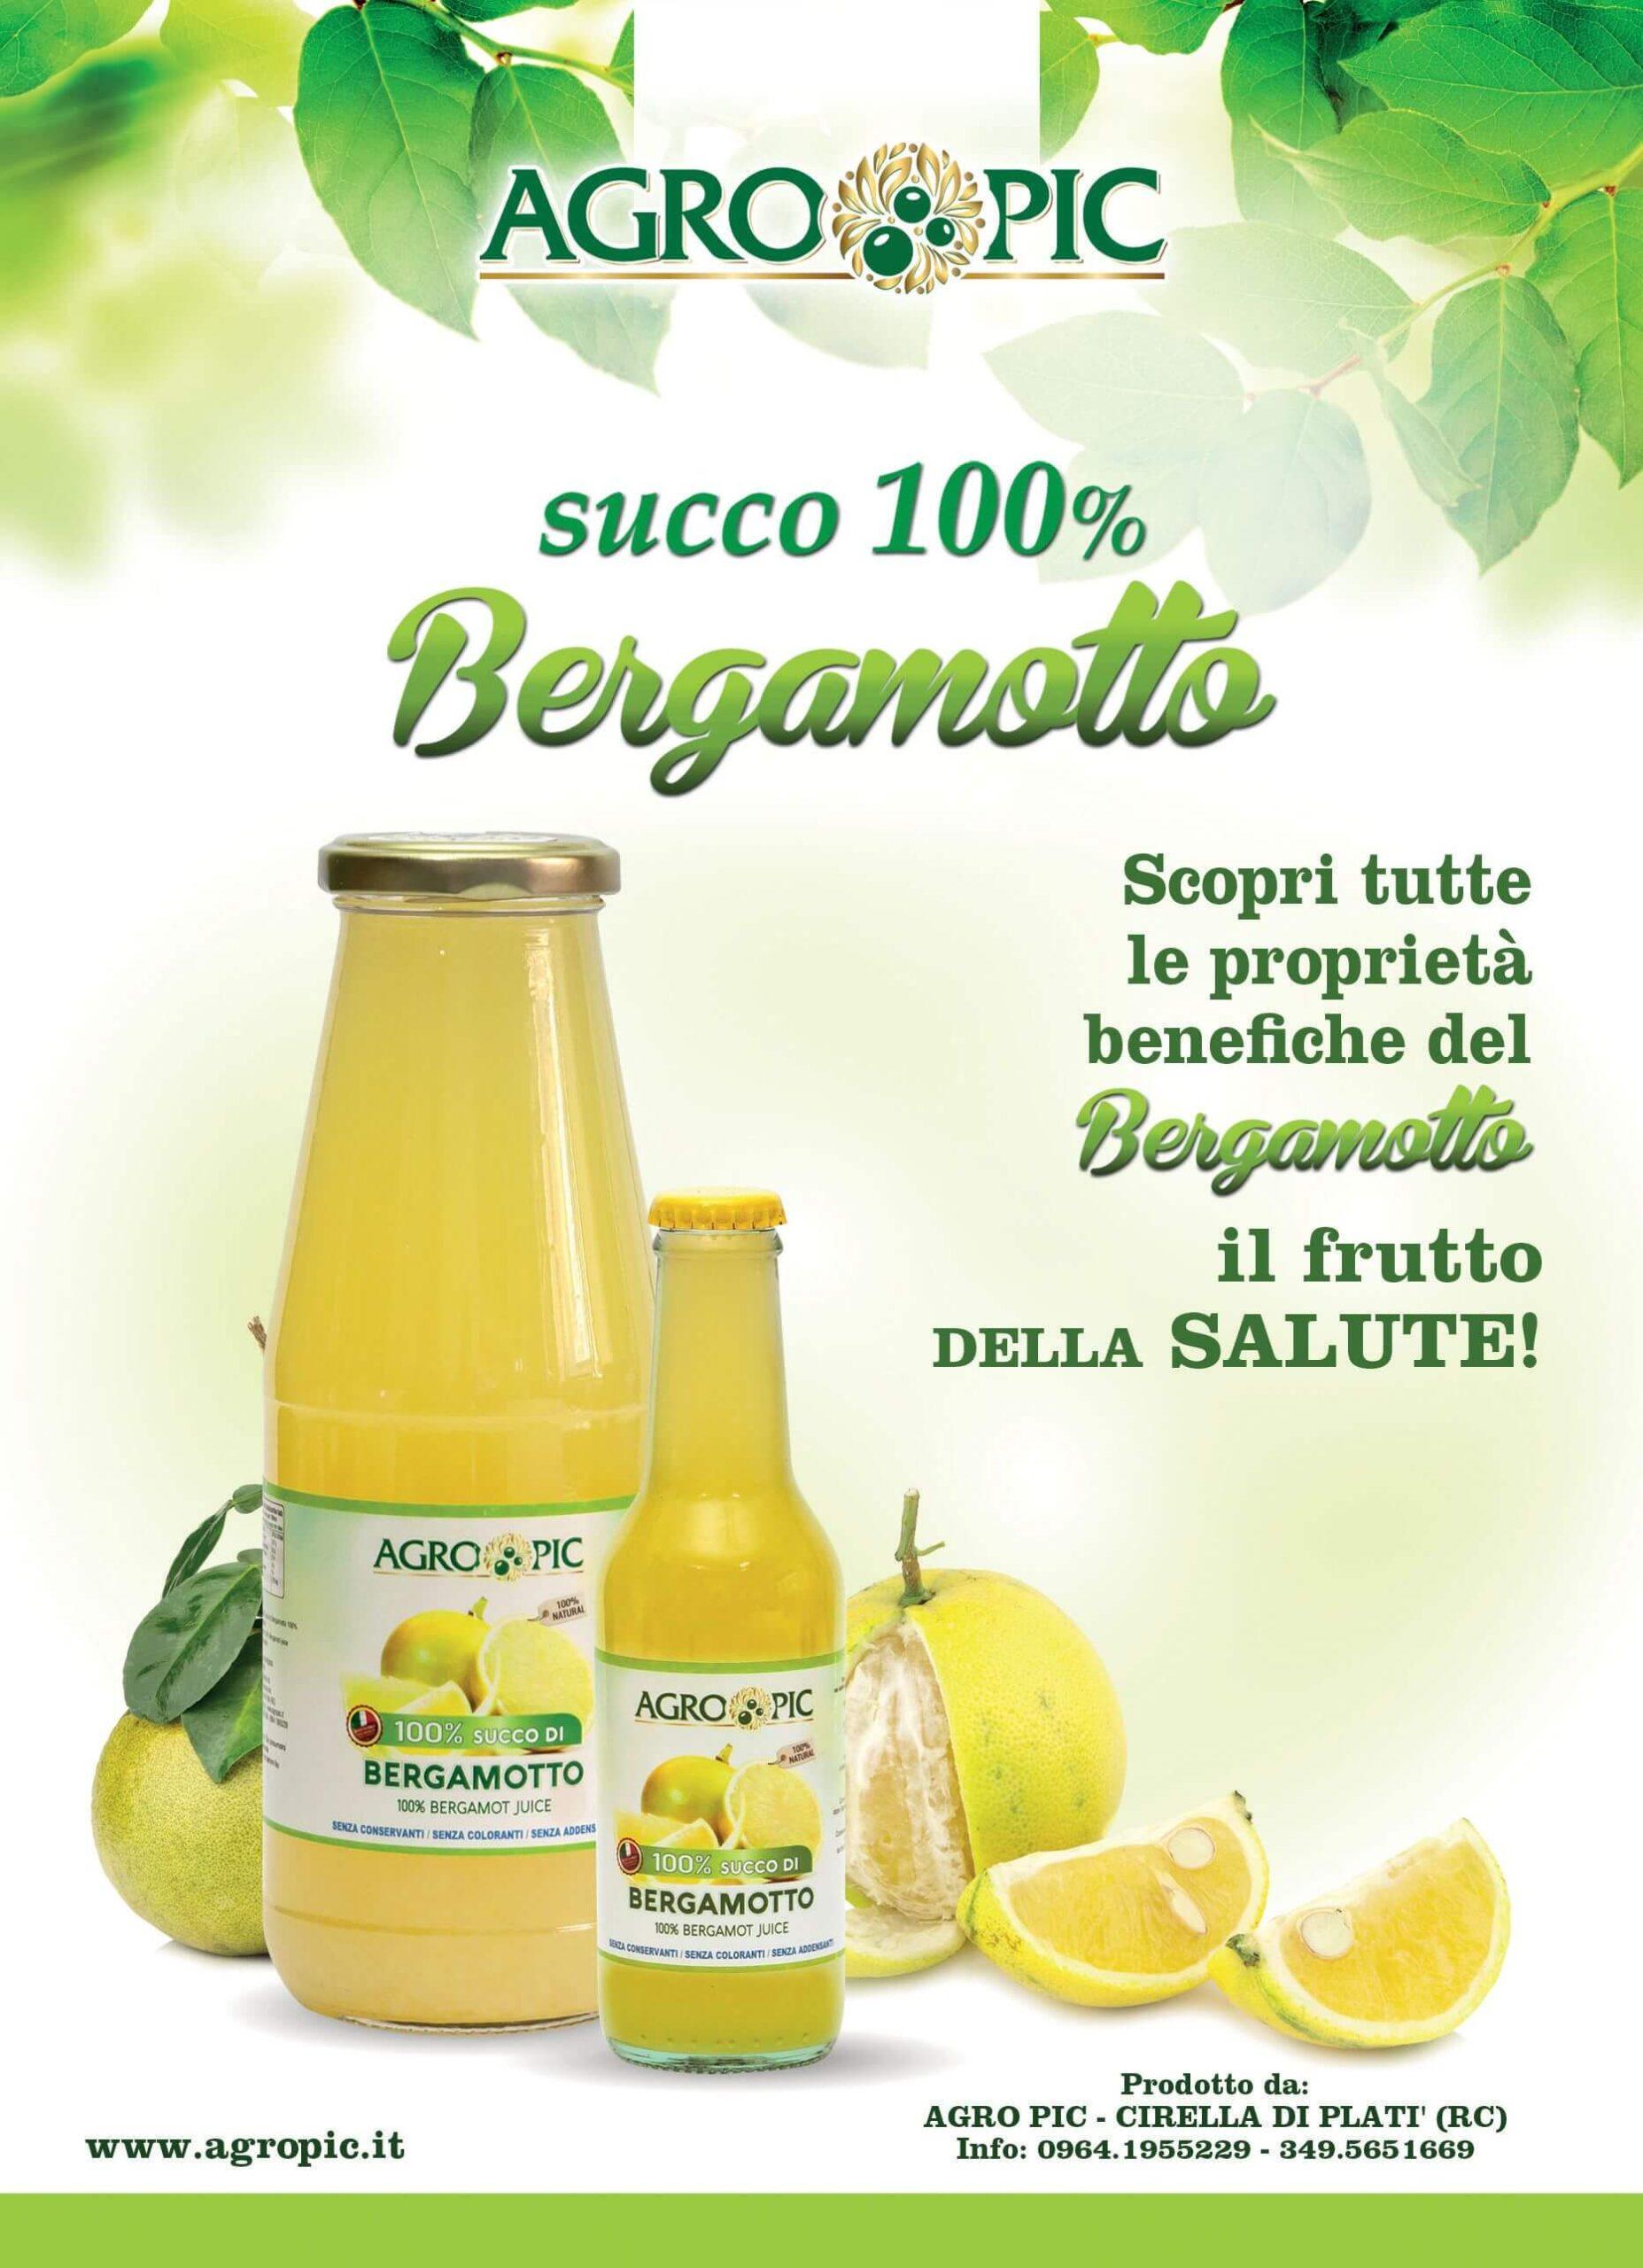 Agropic - Succo di bergamotto